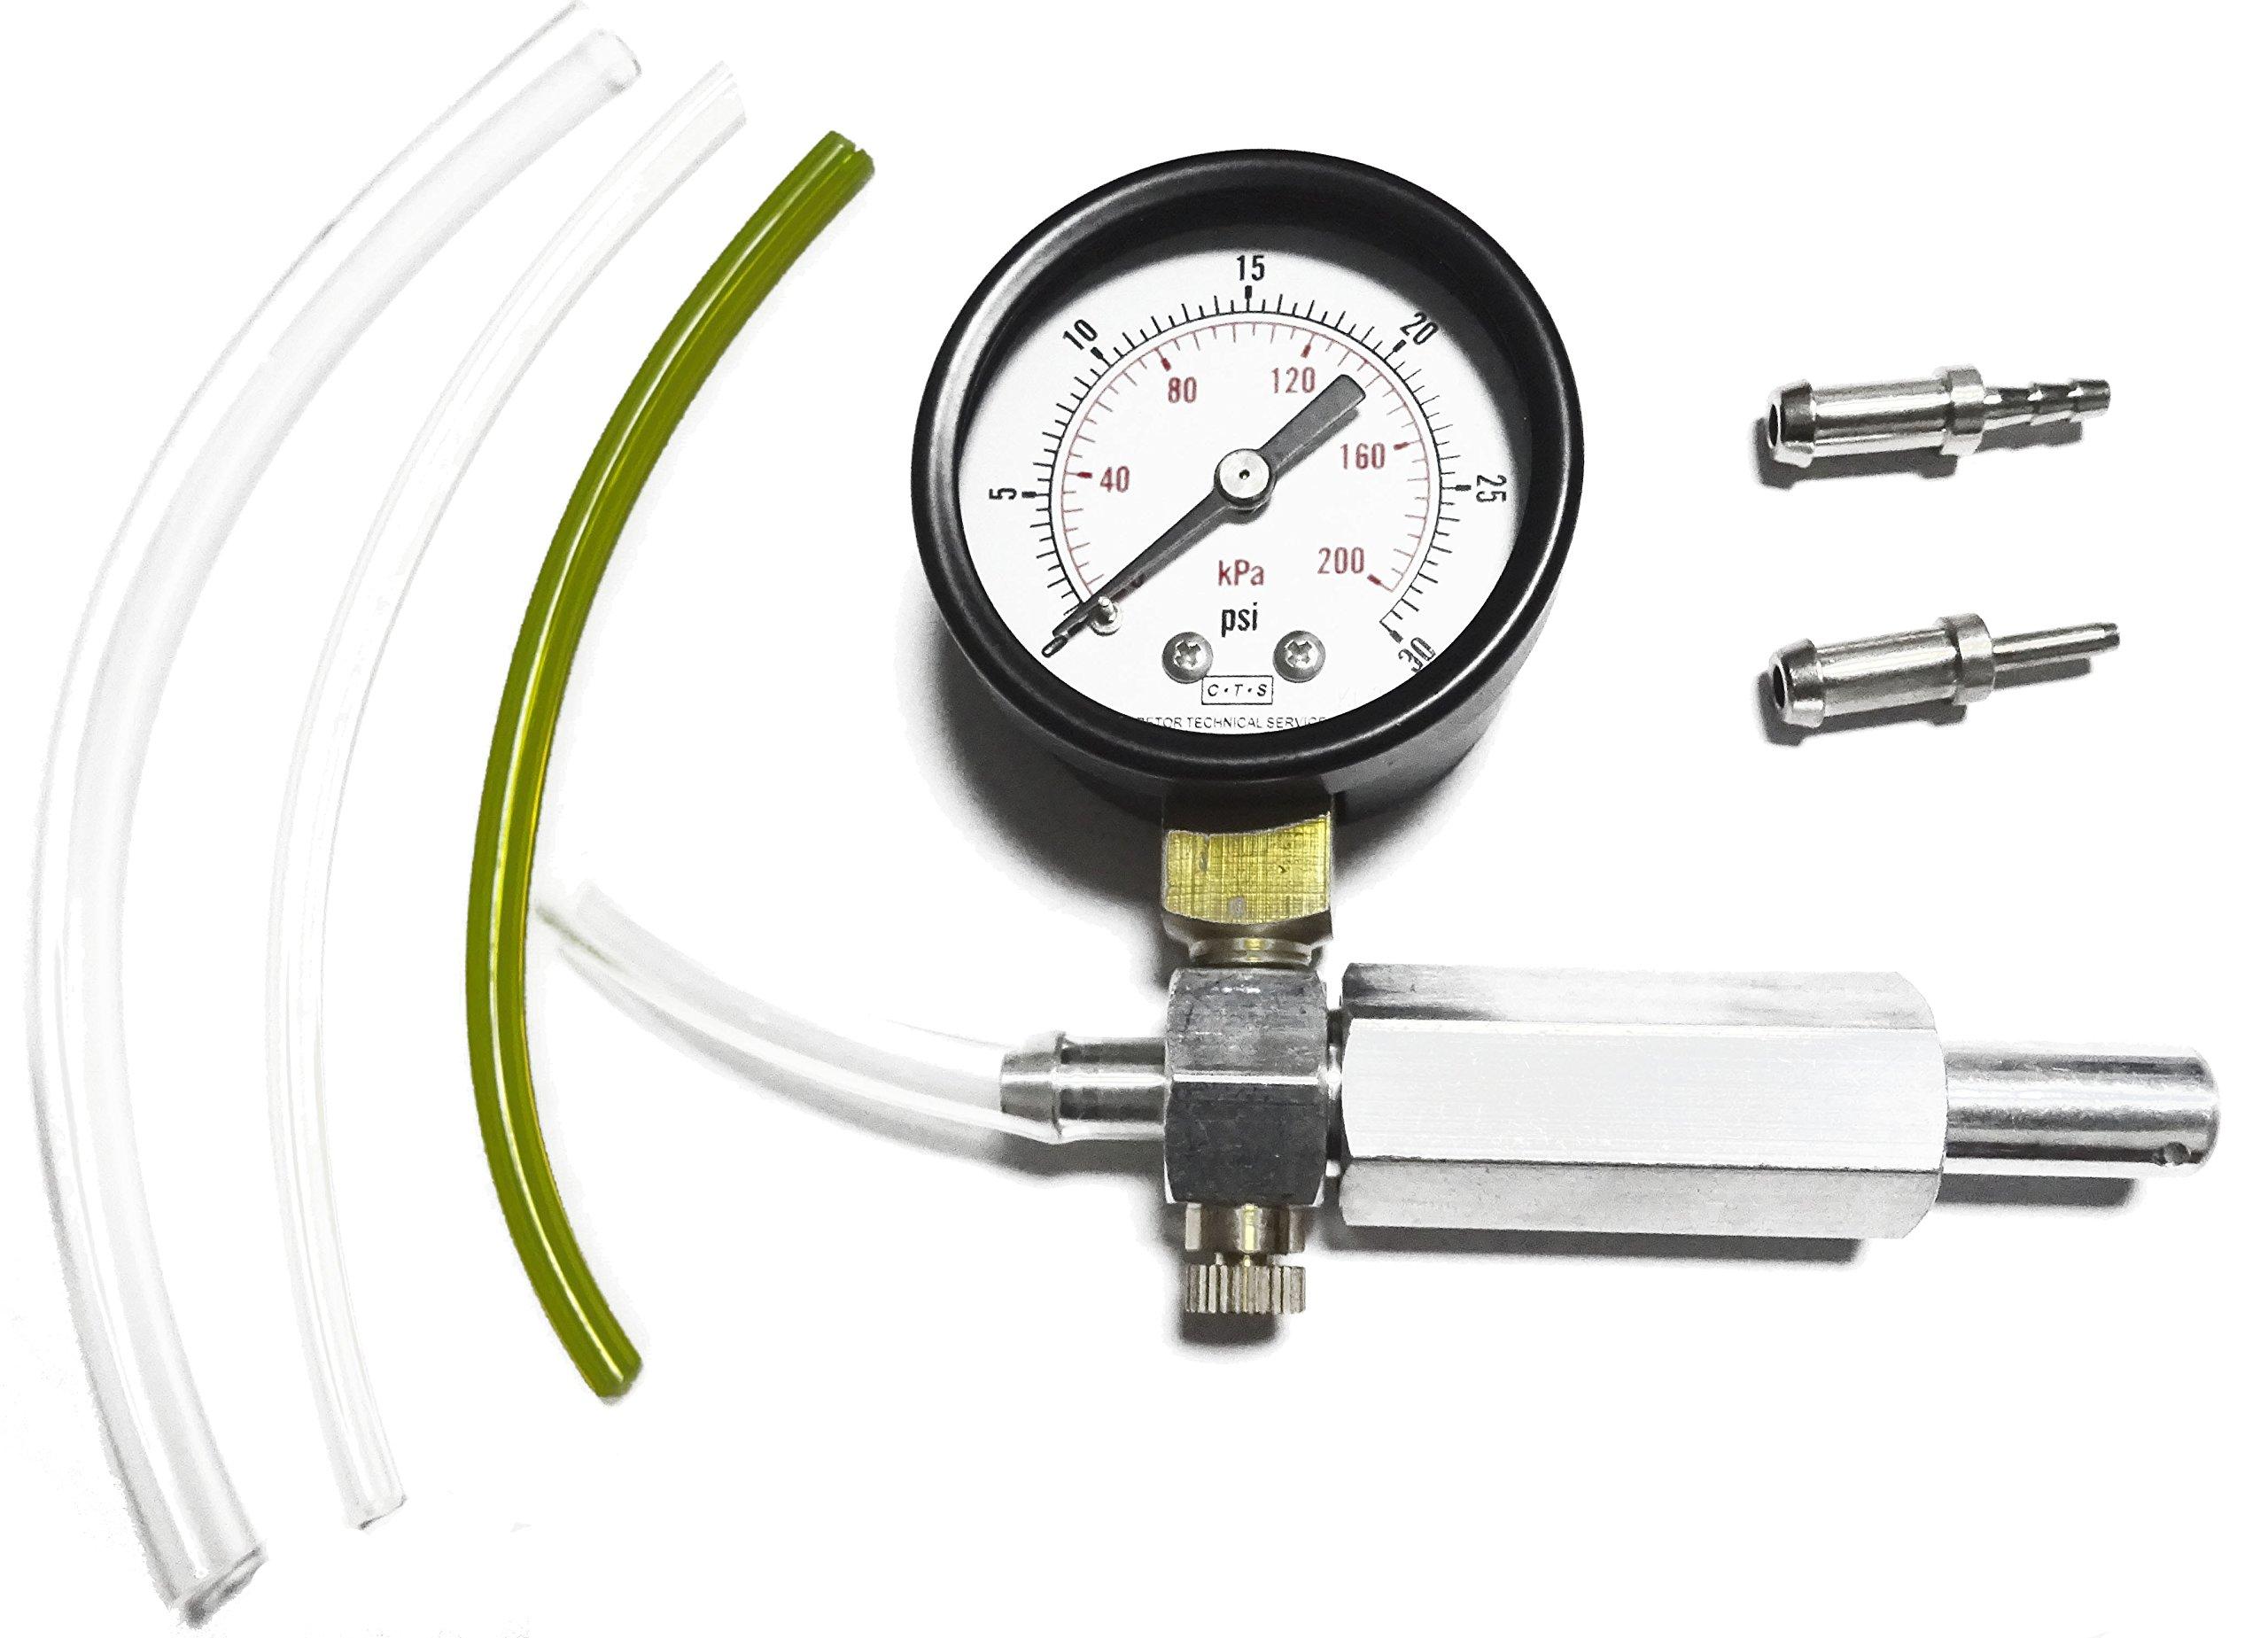 Carburetor Leak detector Replaces Tillotson 243-504 Replaces Walbro 57-21-1 Replaces ZAMA ZPG-2